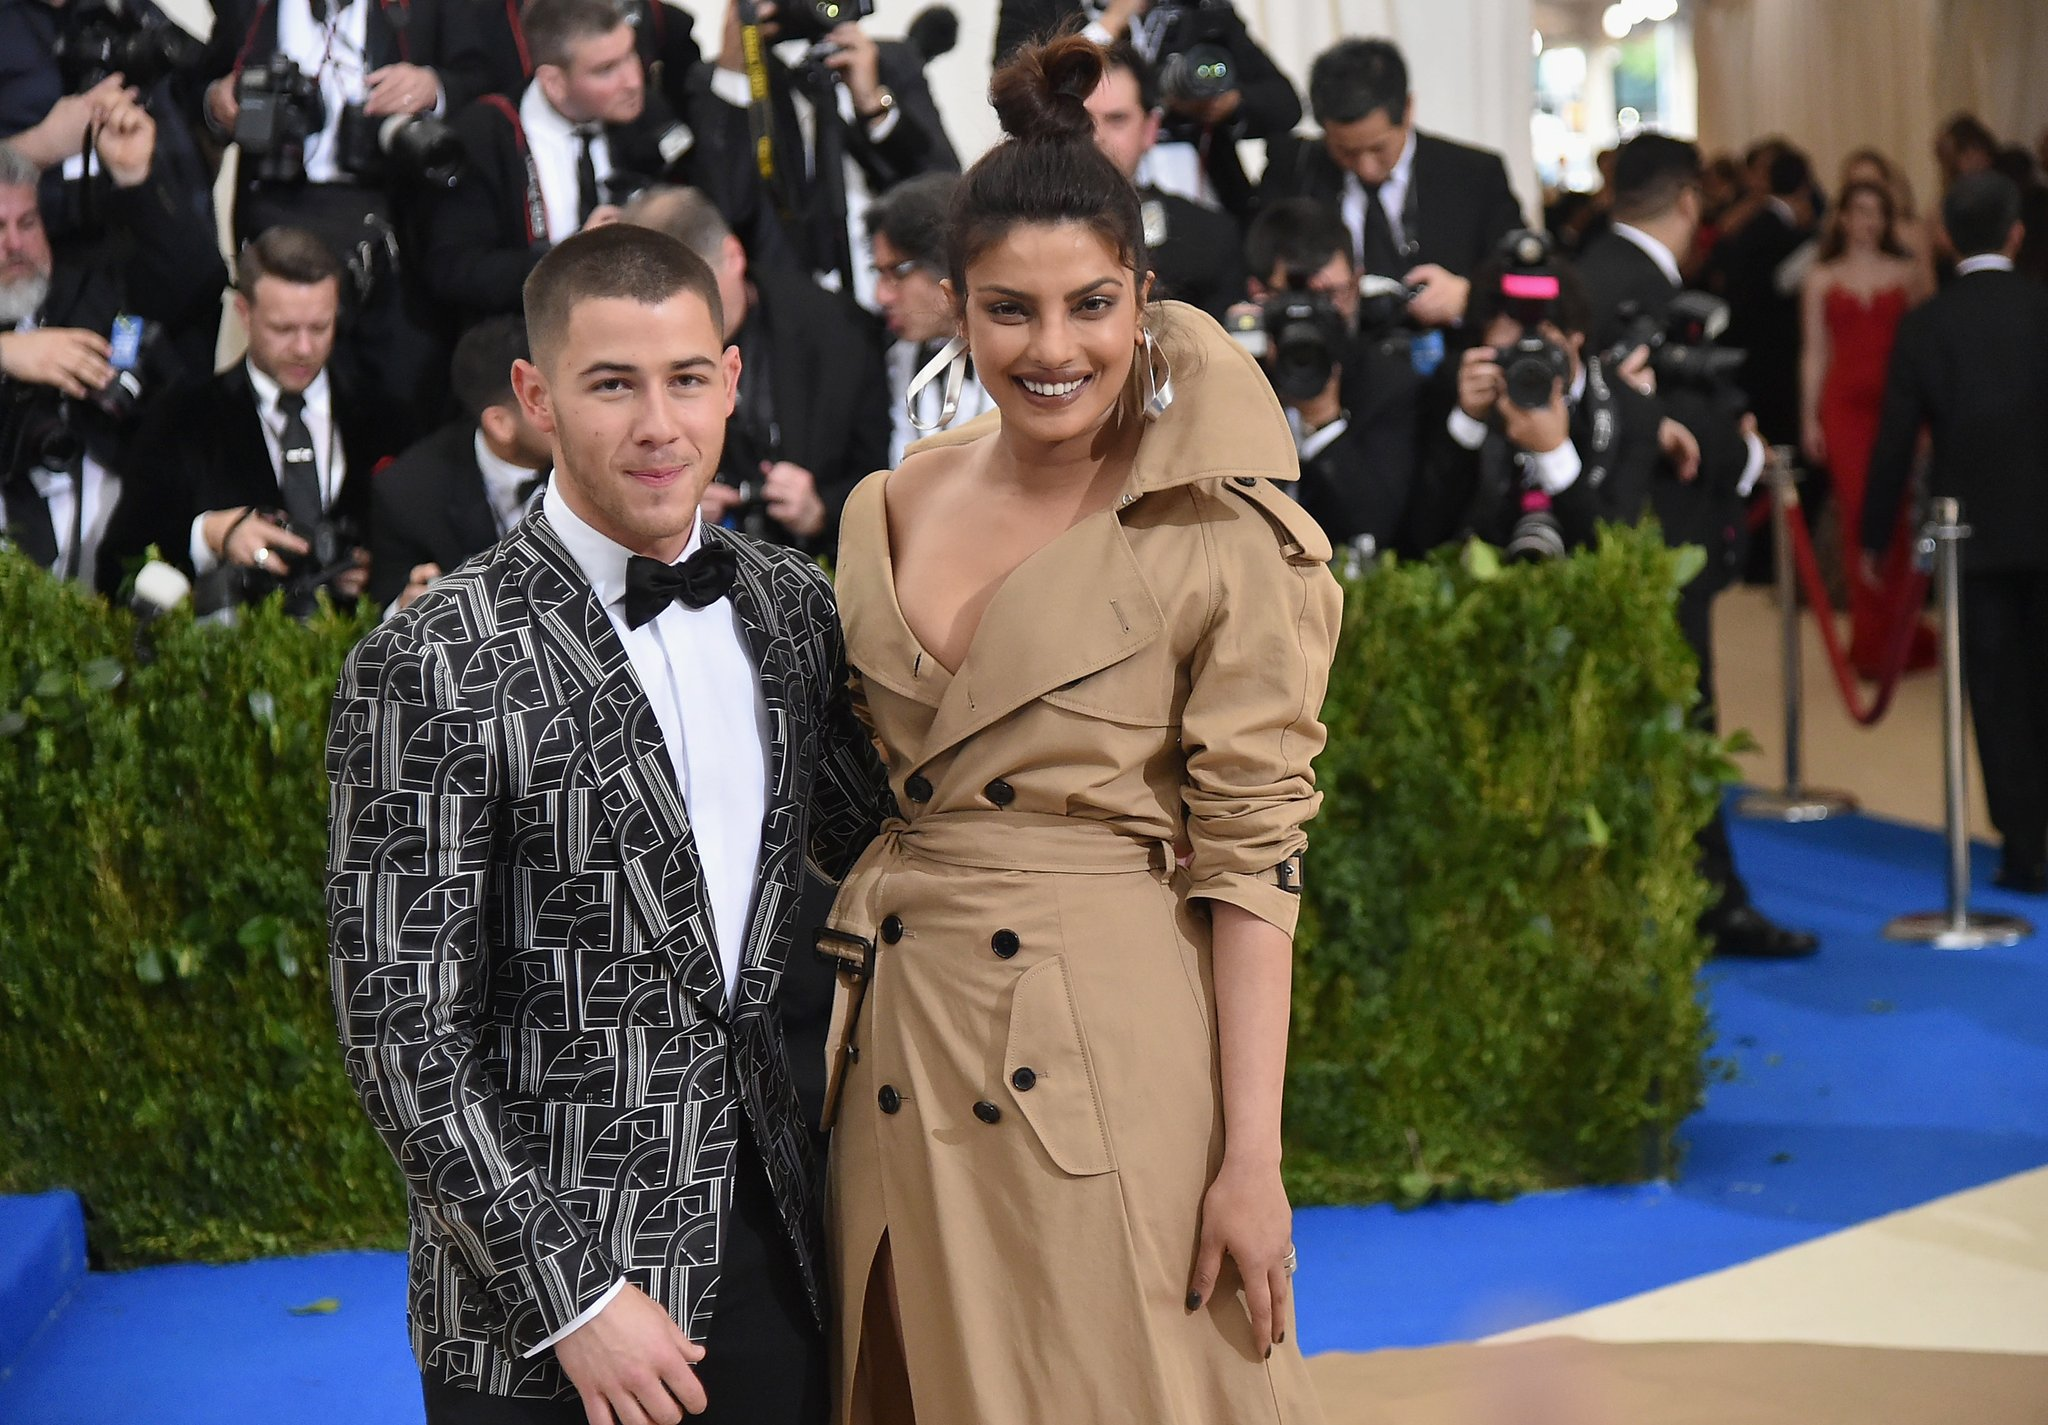 Priyanka Chopra to engage with Nick Jonas